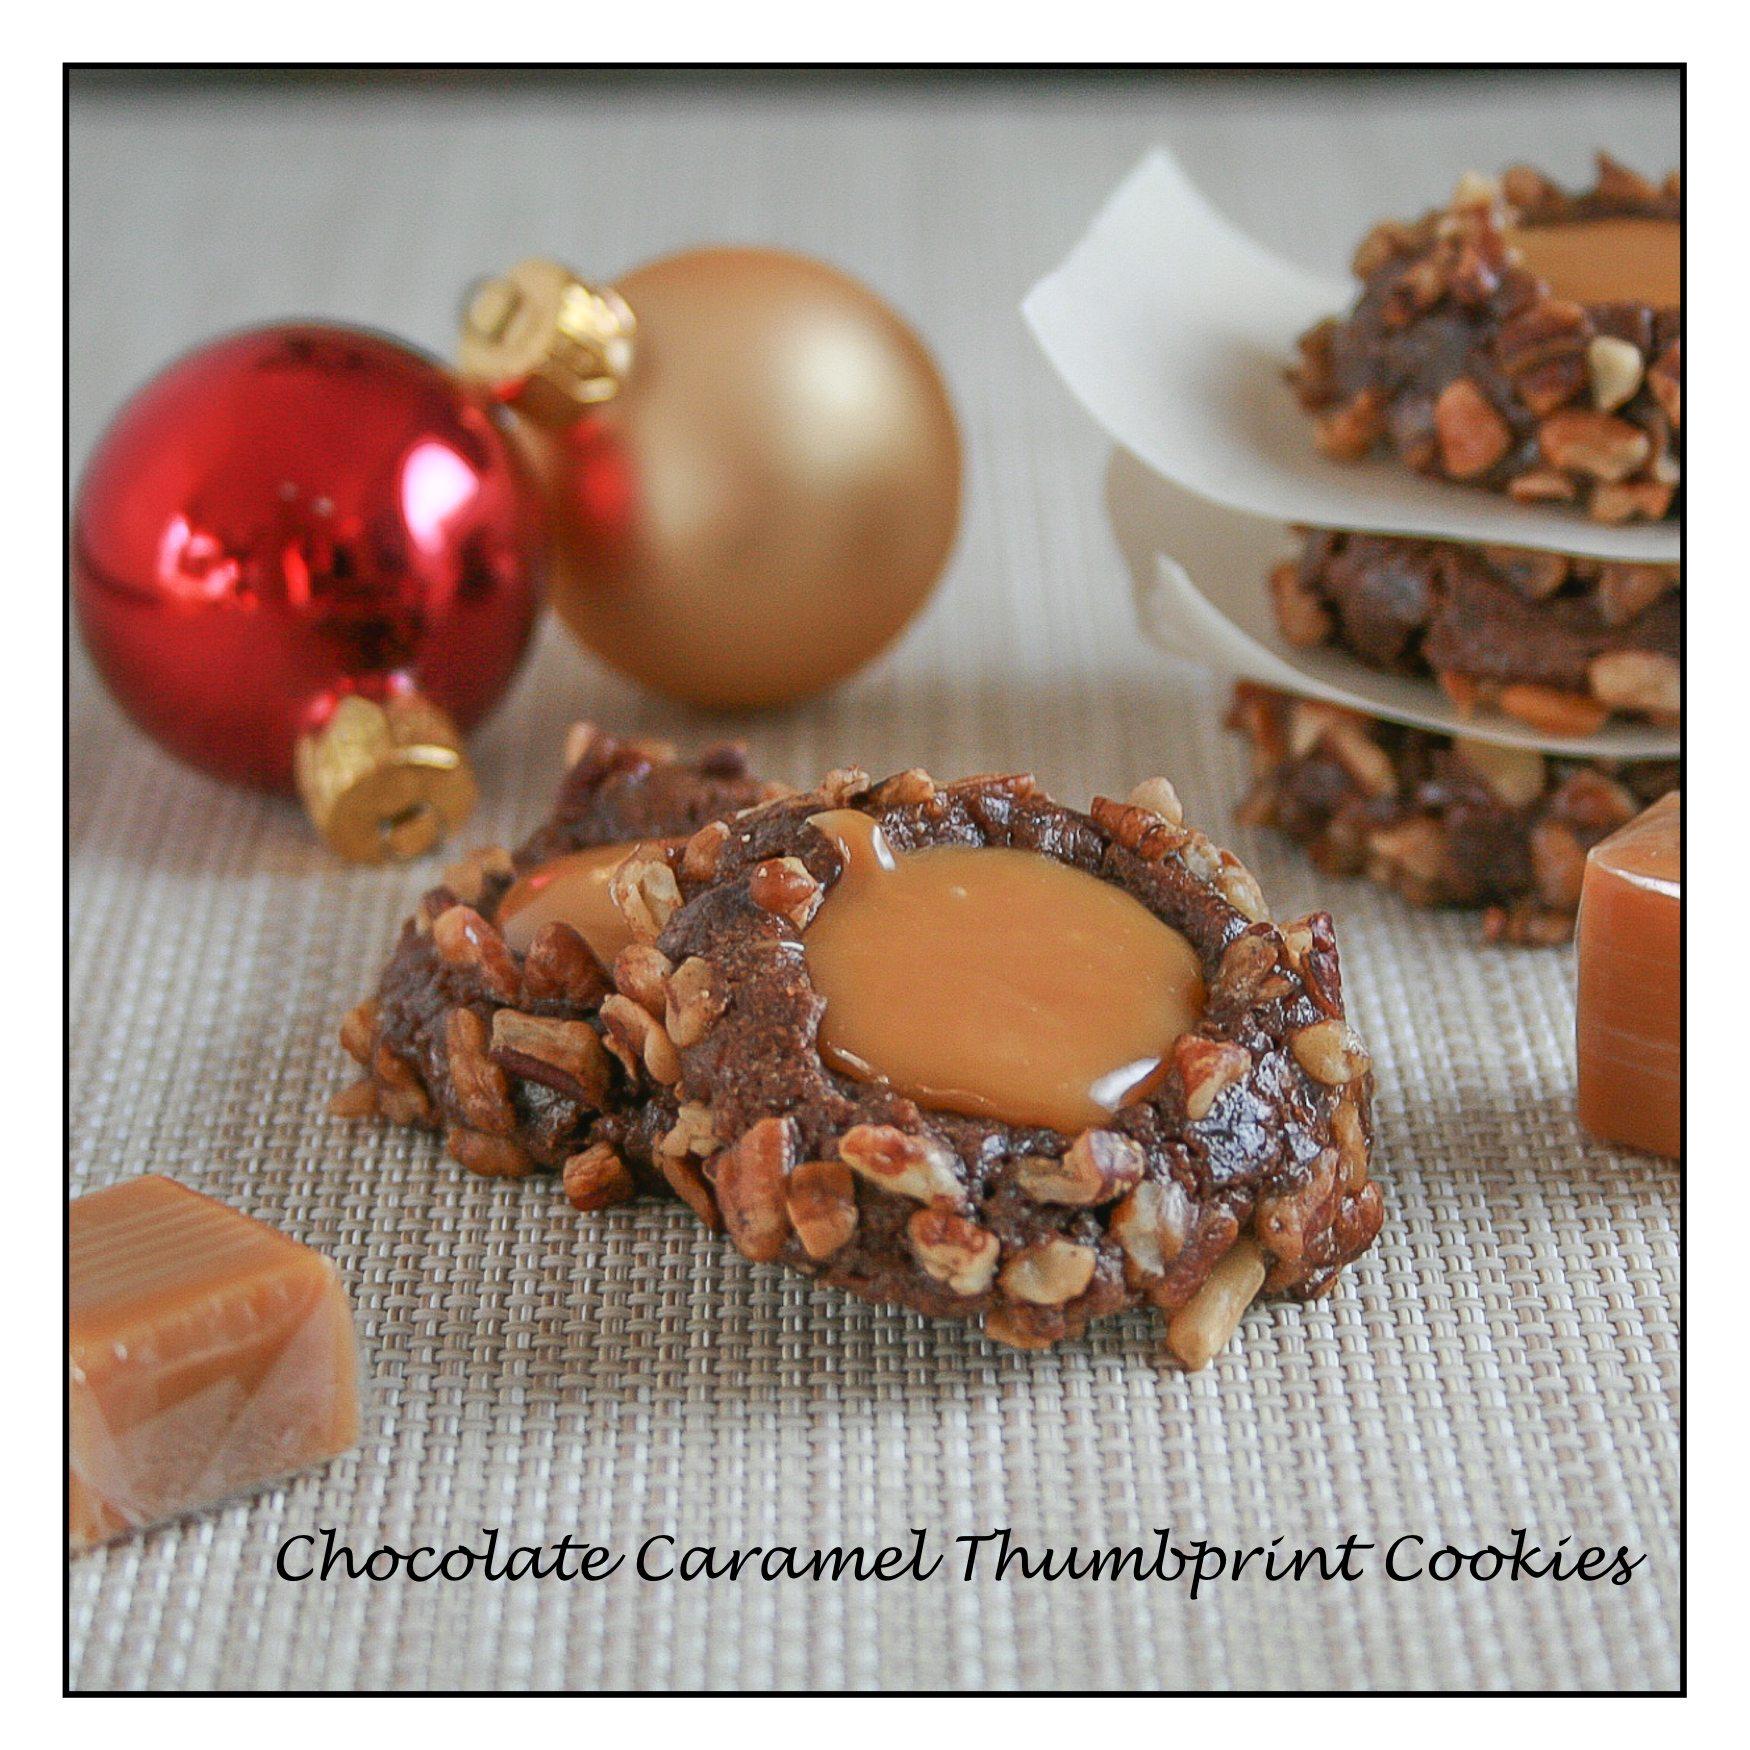 Chocolate Caramel Thumbprint Cookies